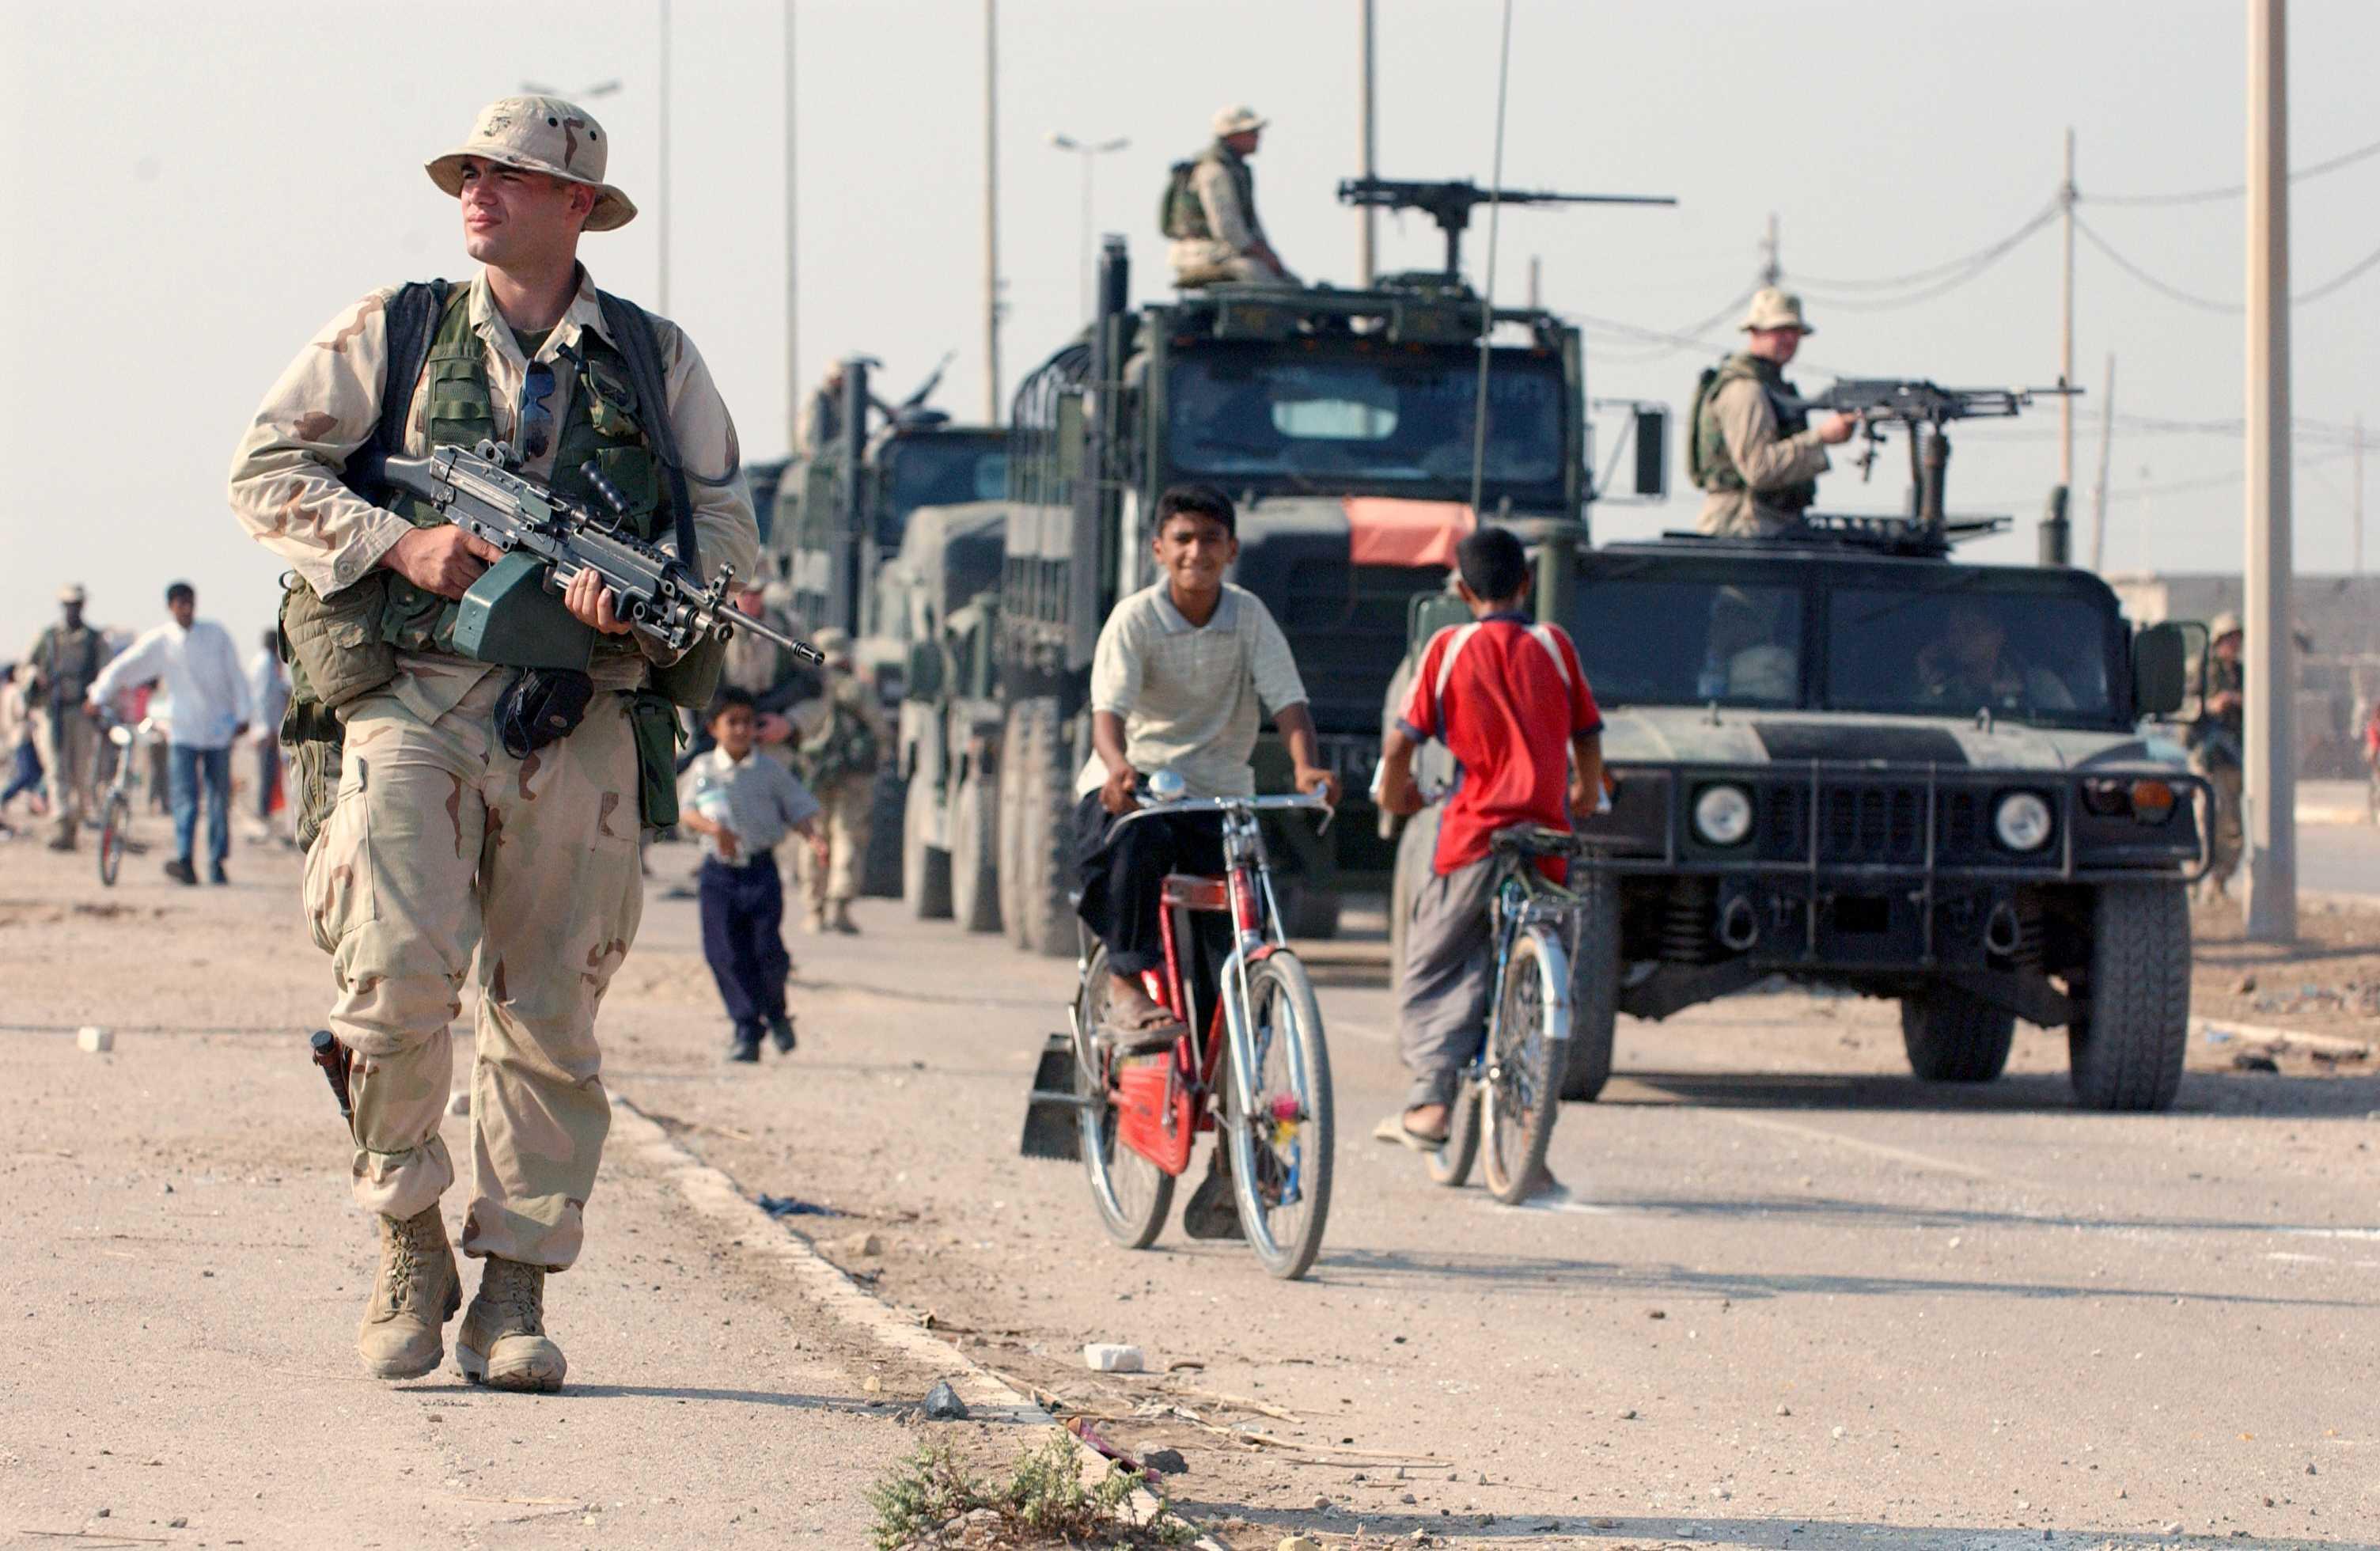 Binh sỹ Mỹ làm nhiệm vụ tại Iraq